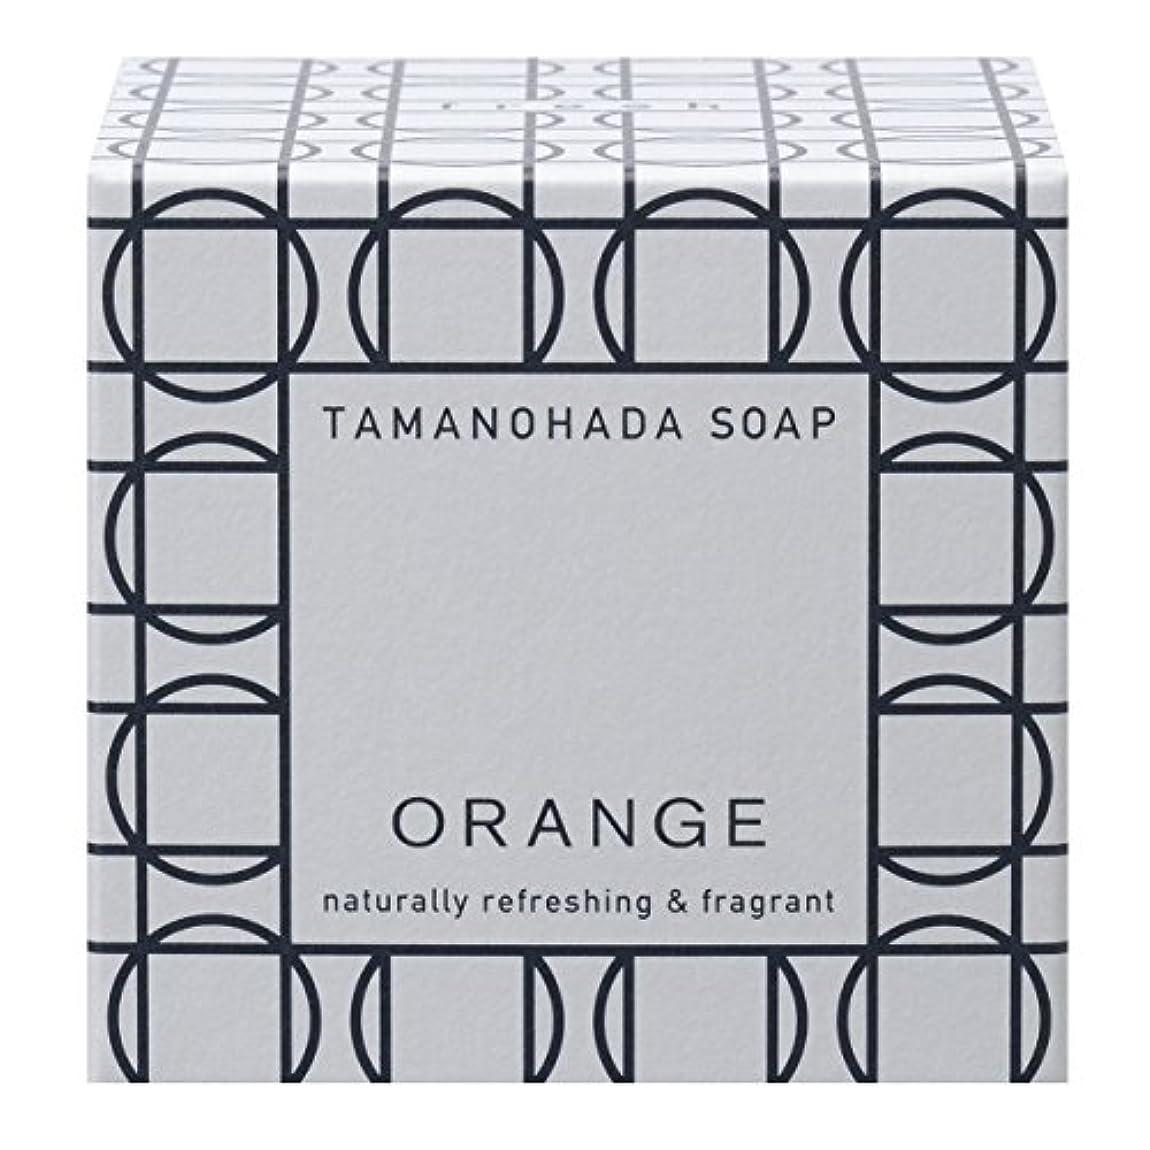 終了しました接続遅滞タマノハダ ソープ 001 オレンジ 125g